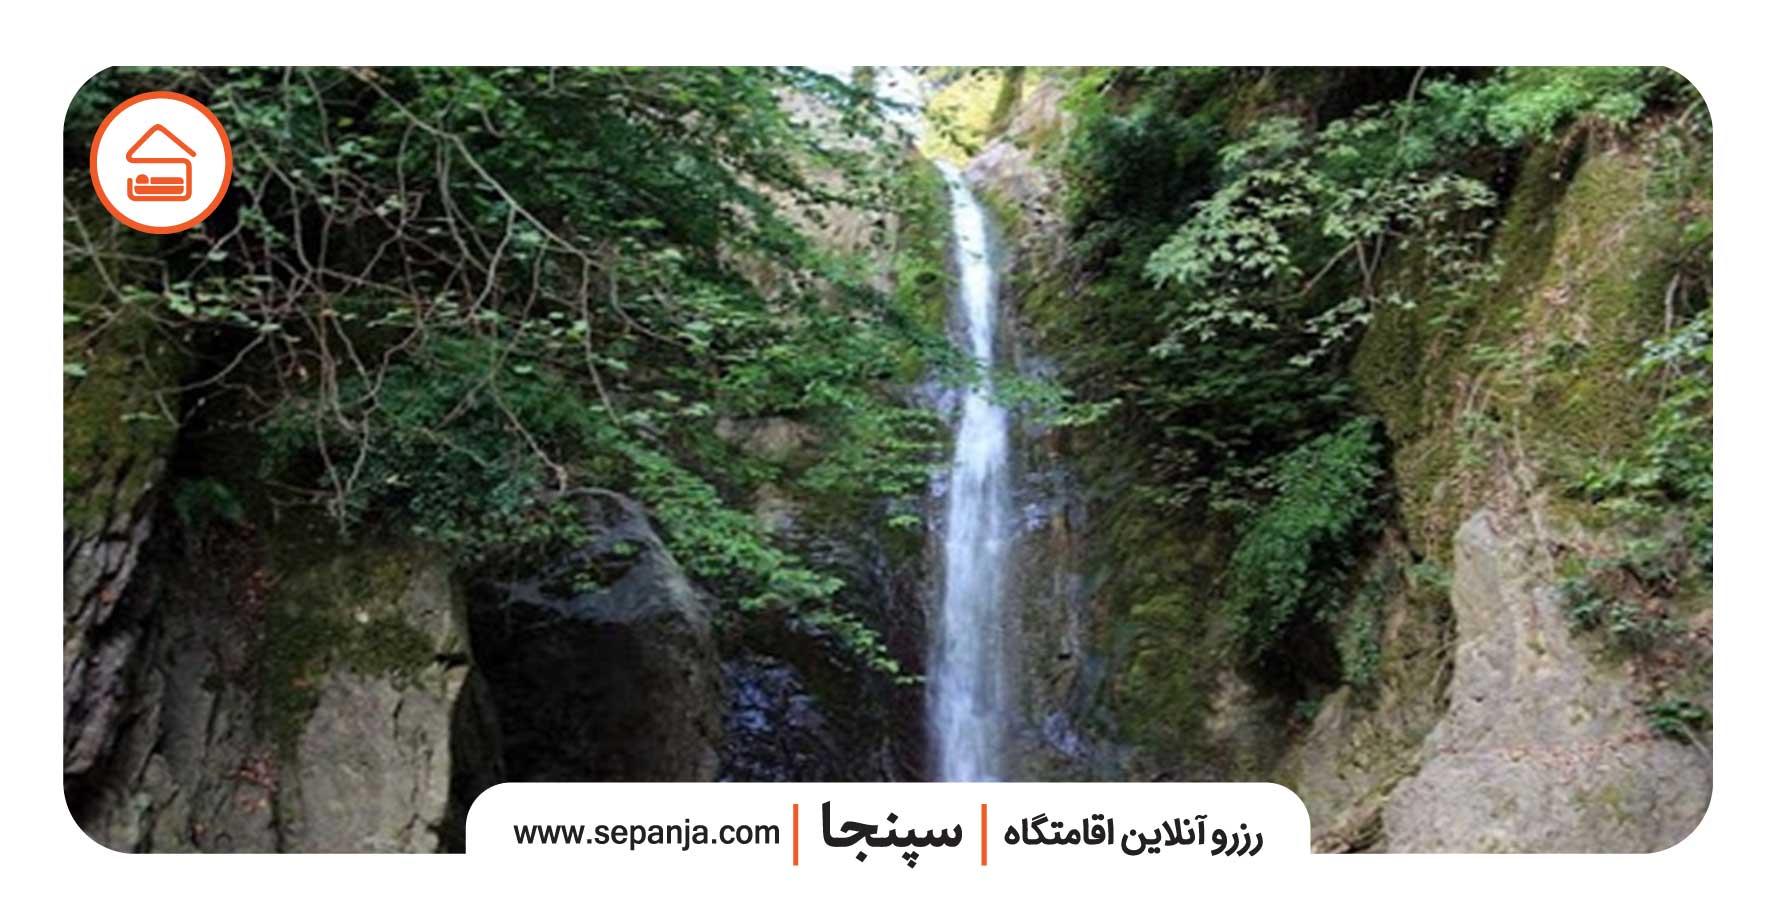 آبشار آلامن از دیدنی های علی آباد کتول